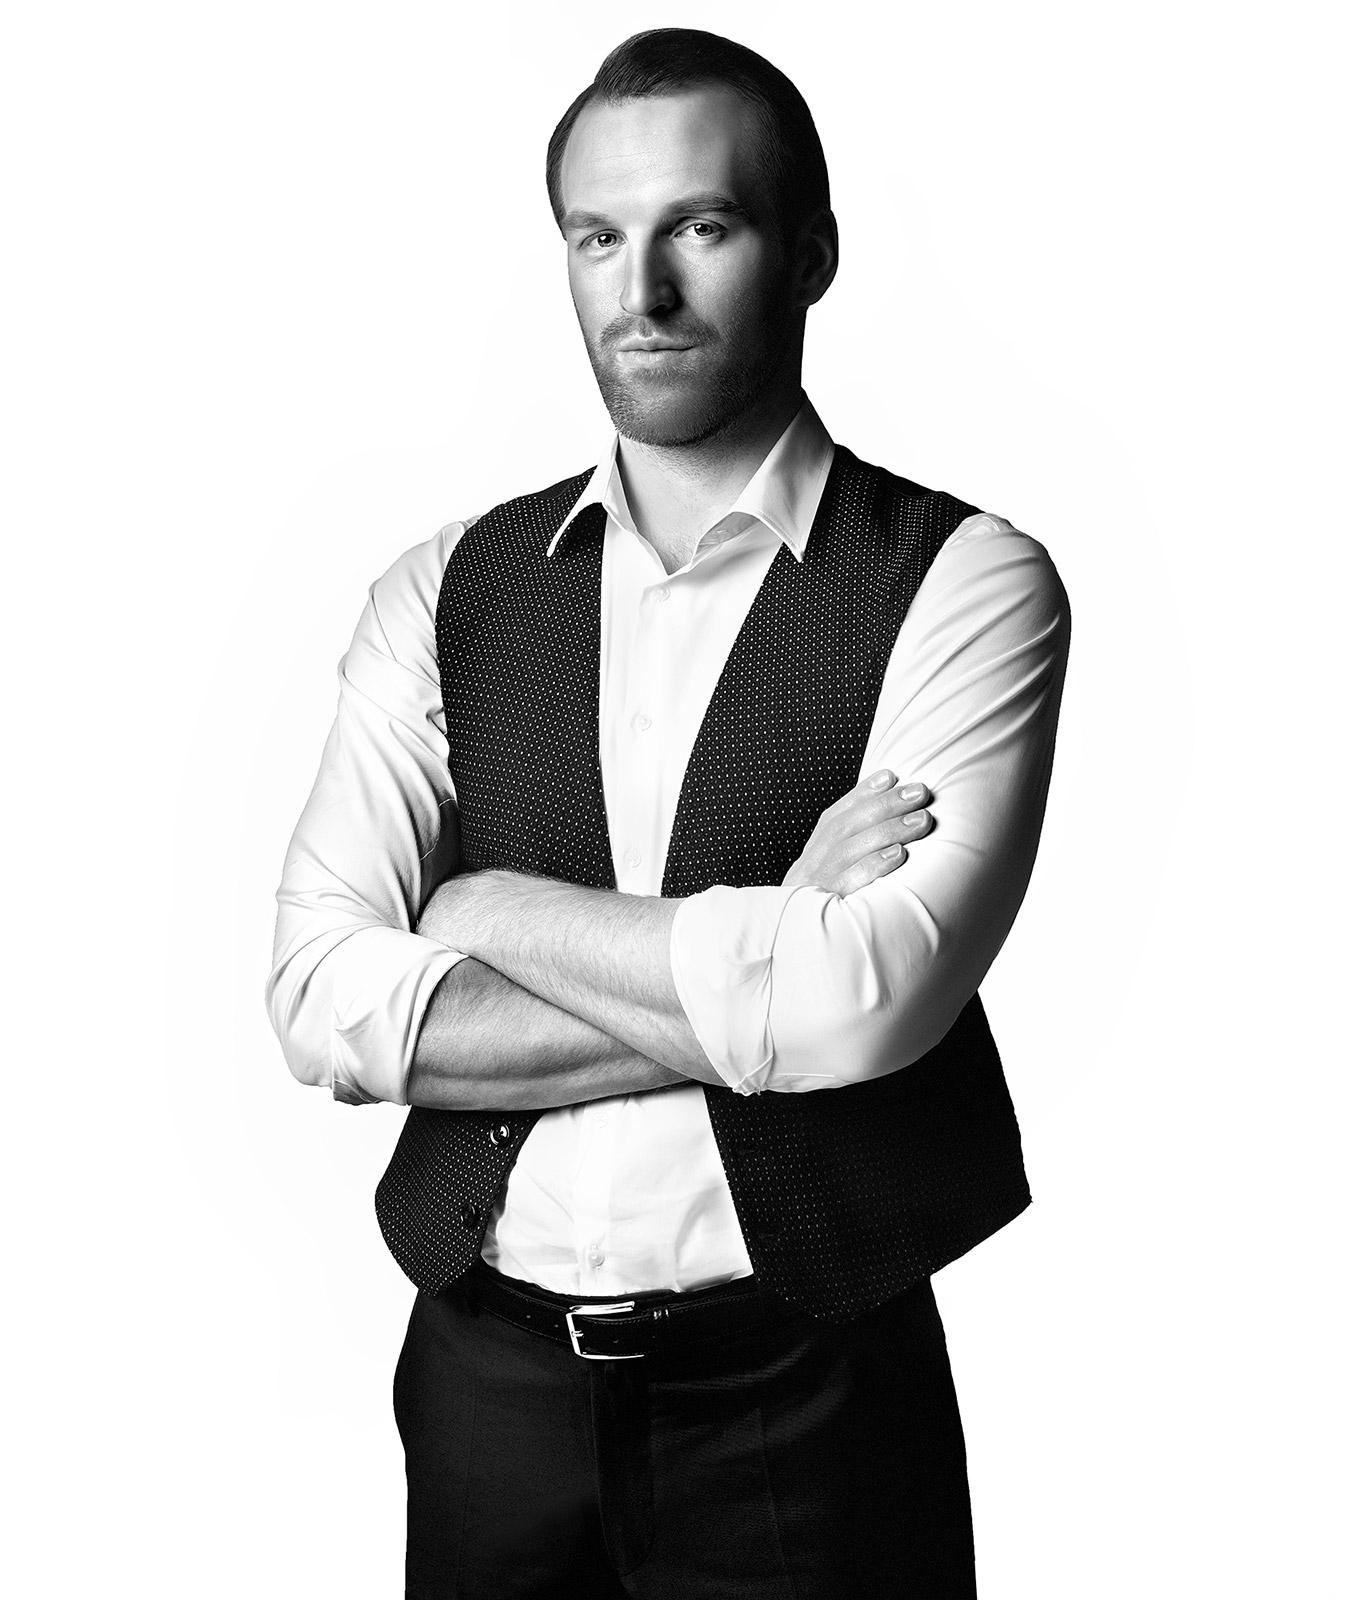 Актер Константин Самоуков; фотограф: Александр Сакулин